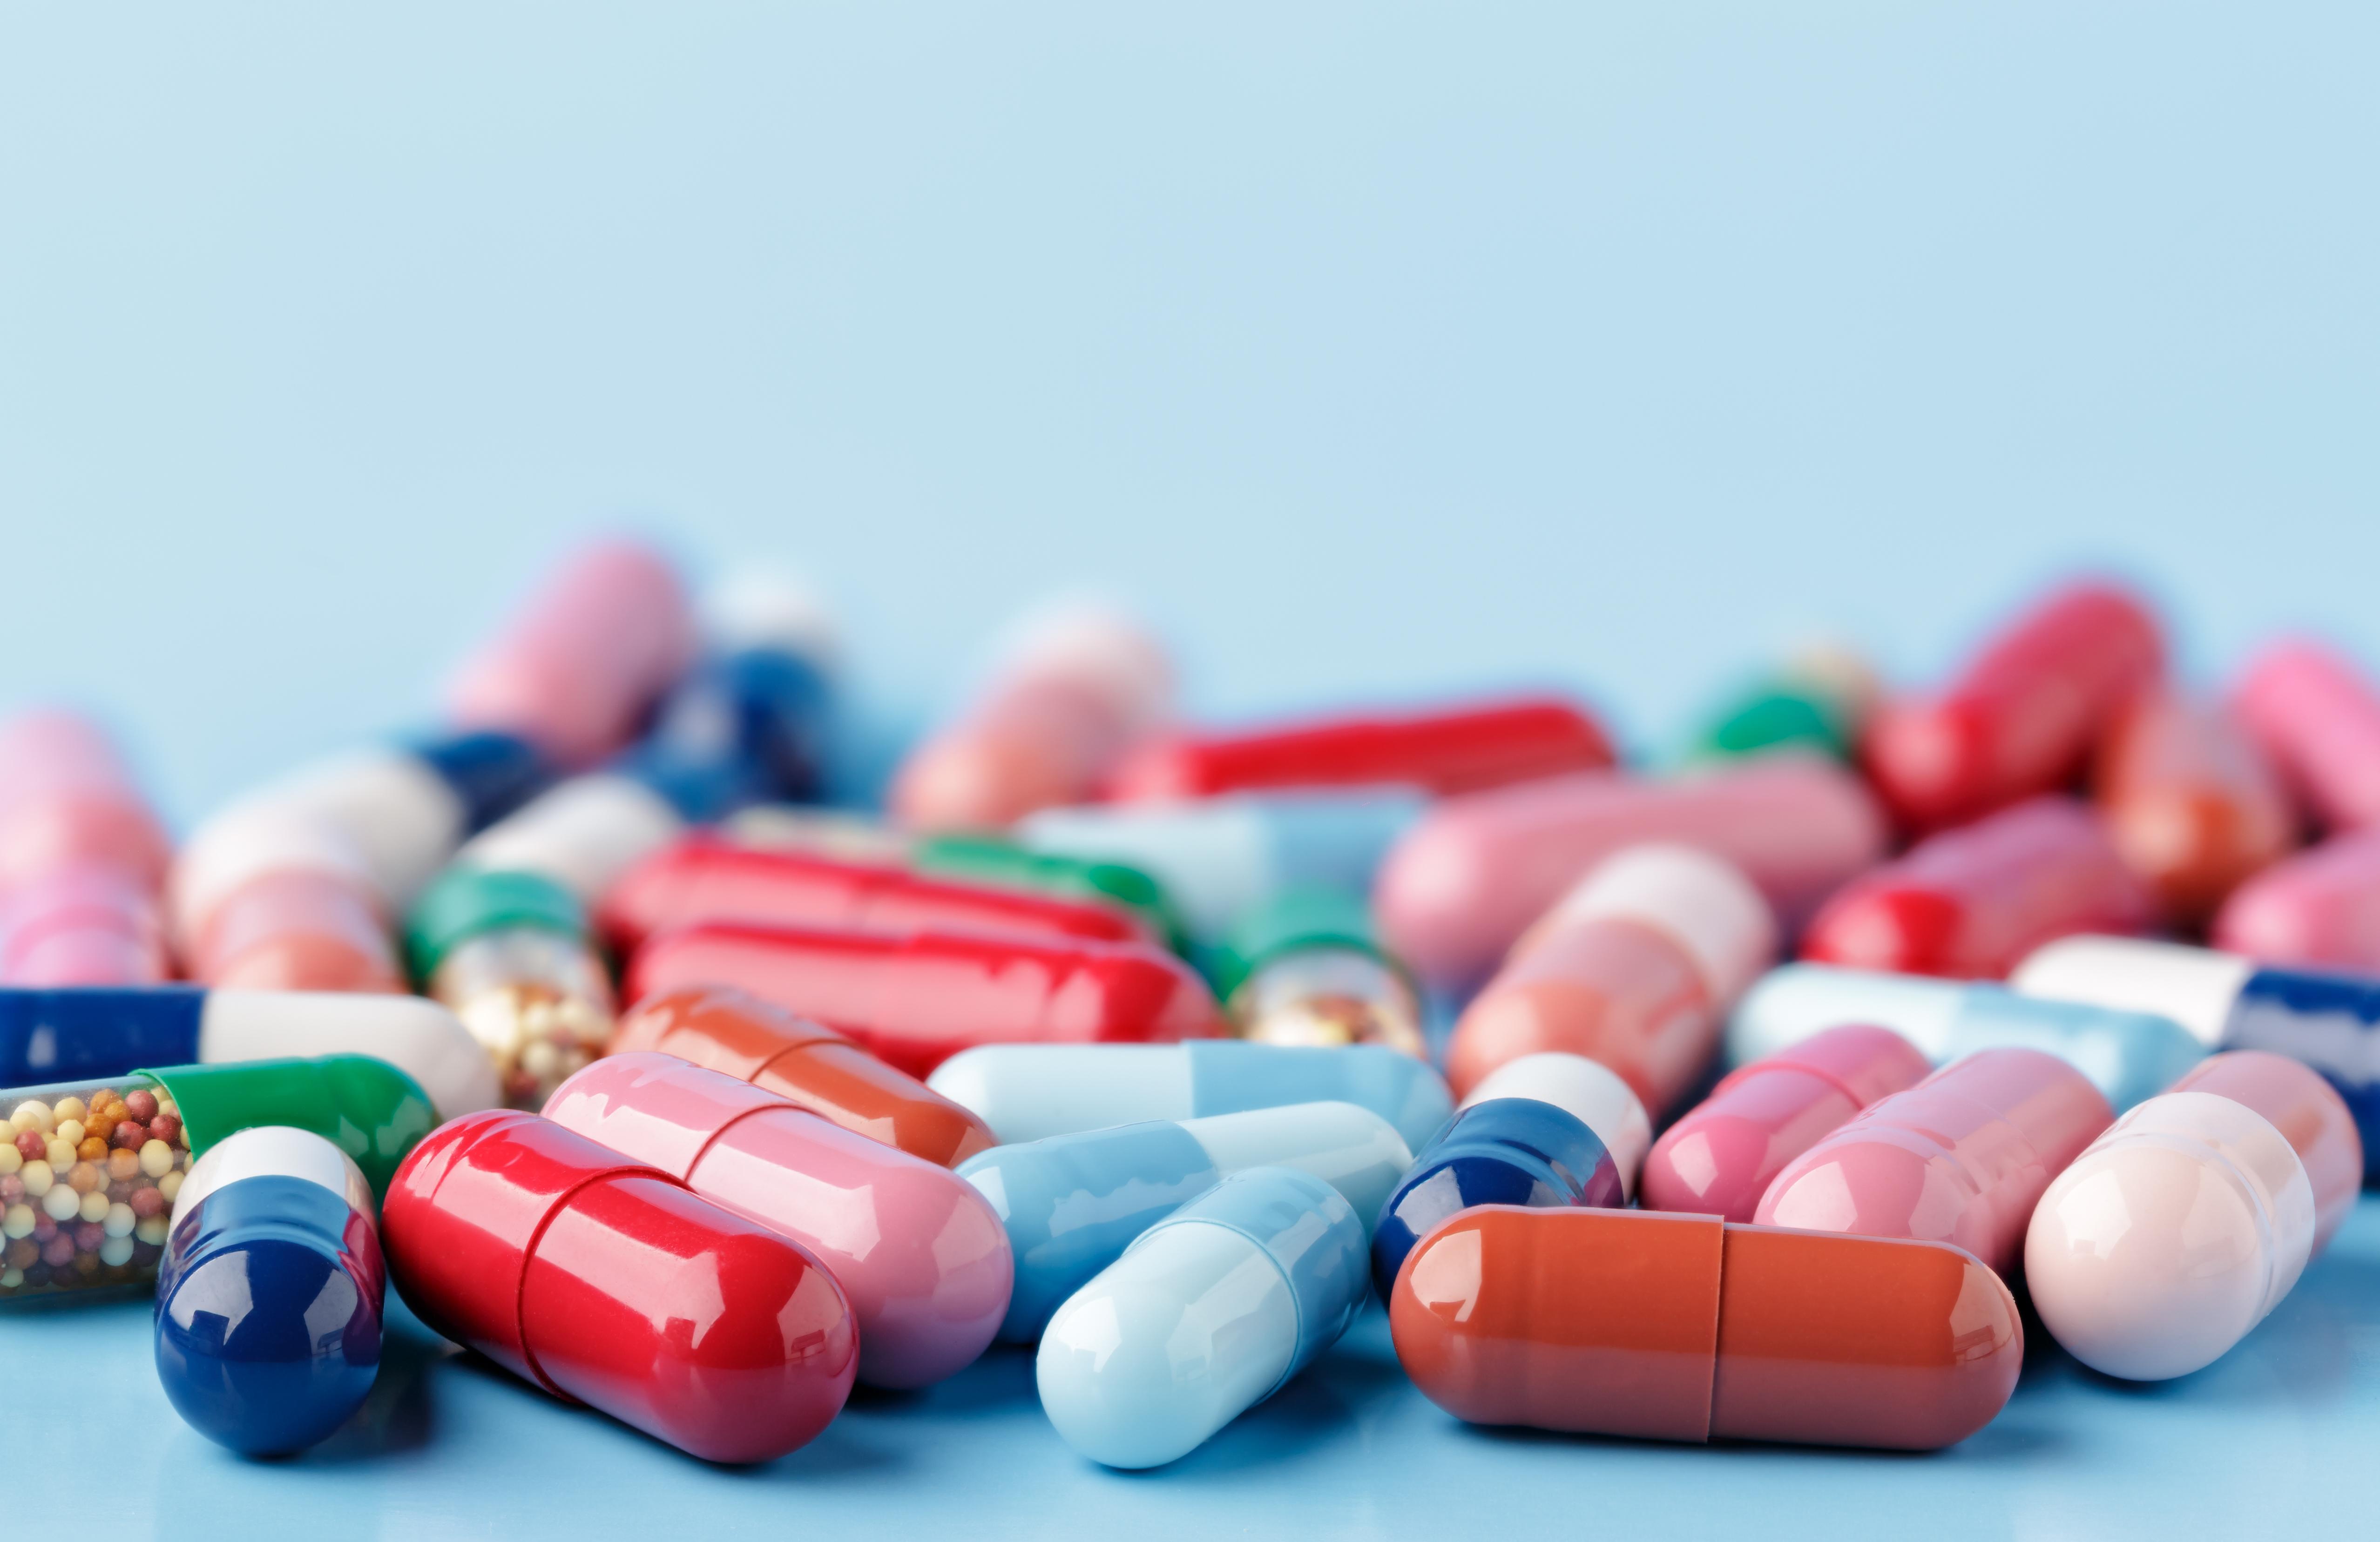 Dagens prissättningsmodellen för läkemedel är komplex och svåröverskådlig, menar regeringen.